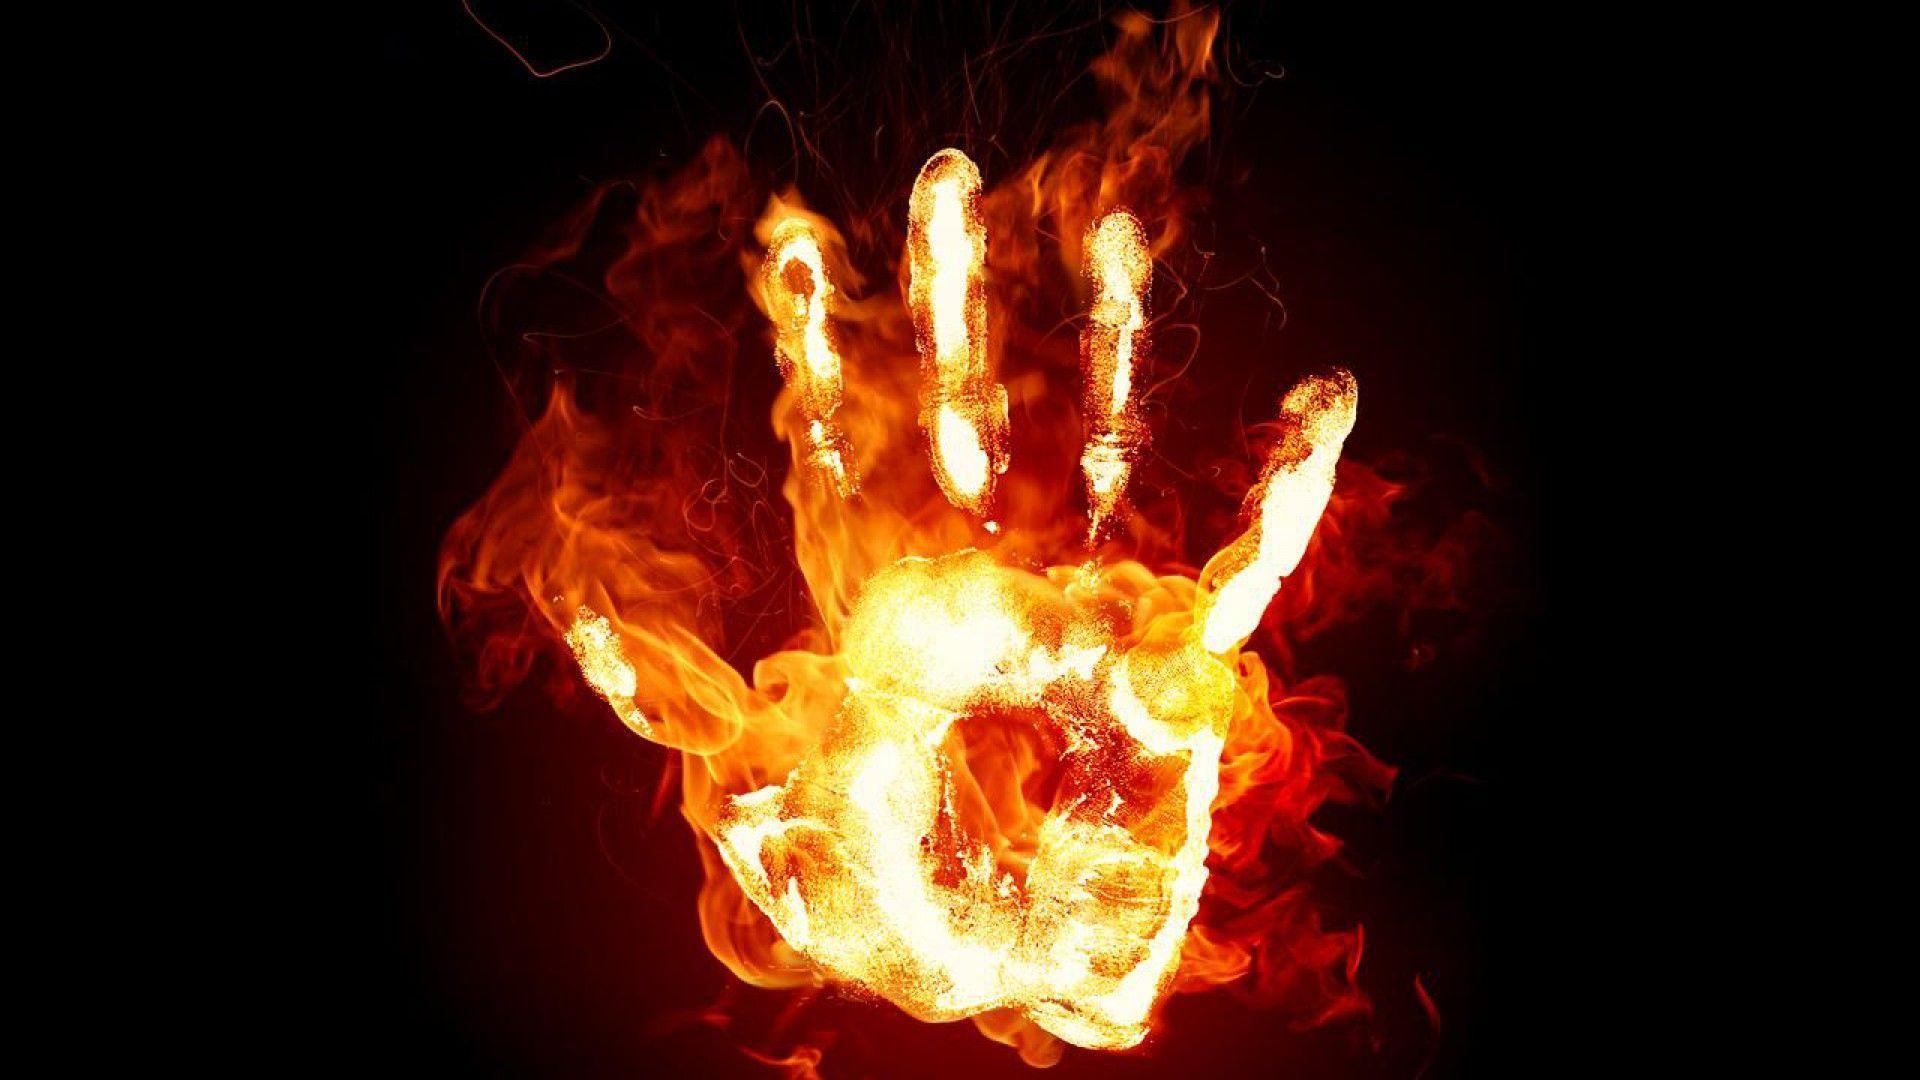 Hình nền bàn tay lửa cực đẹp